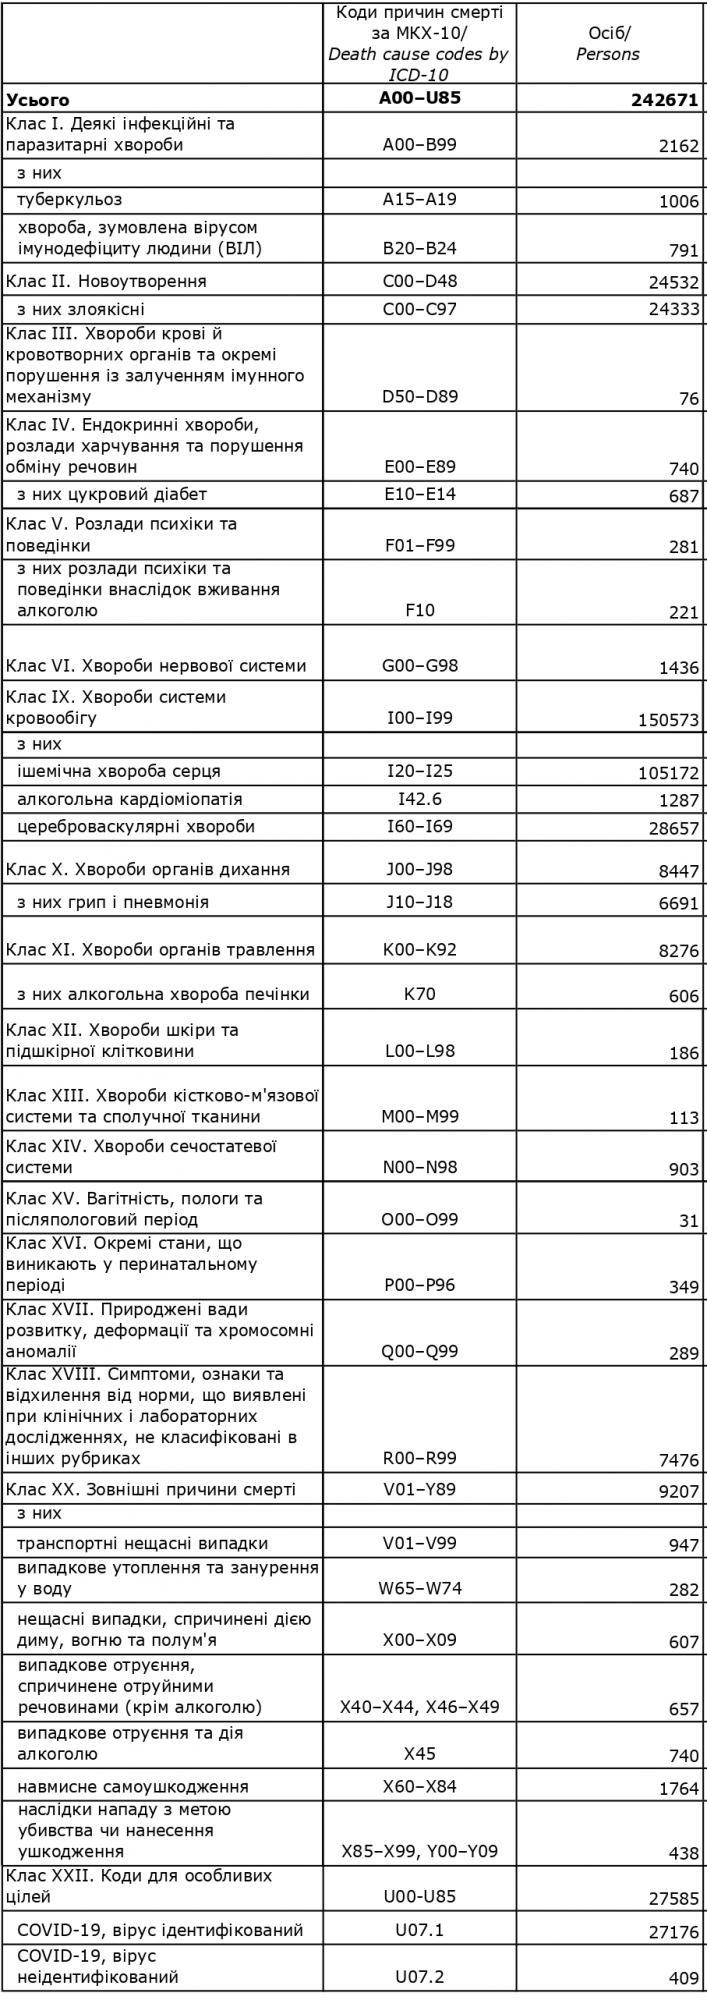 Стало відомо, від яких хвороб найчастіше помирають українці. Це не коронавірус